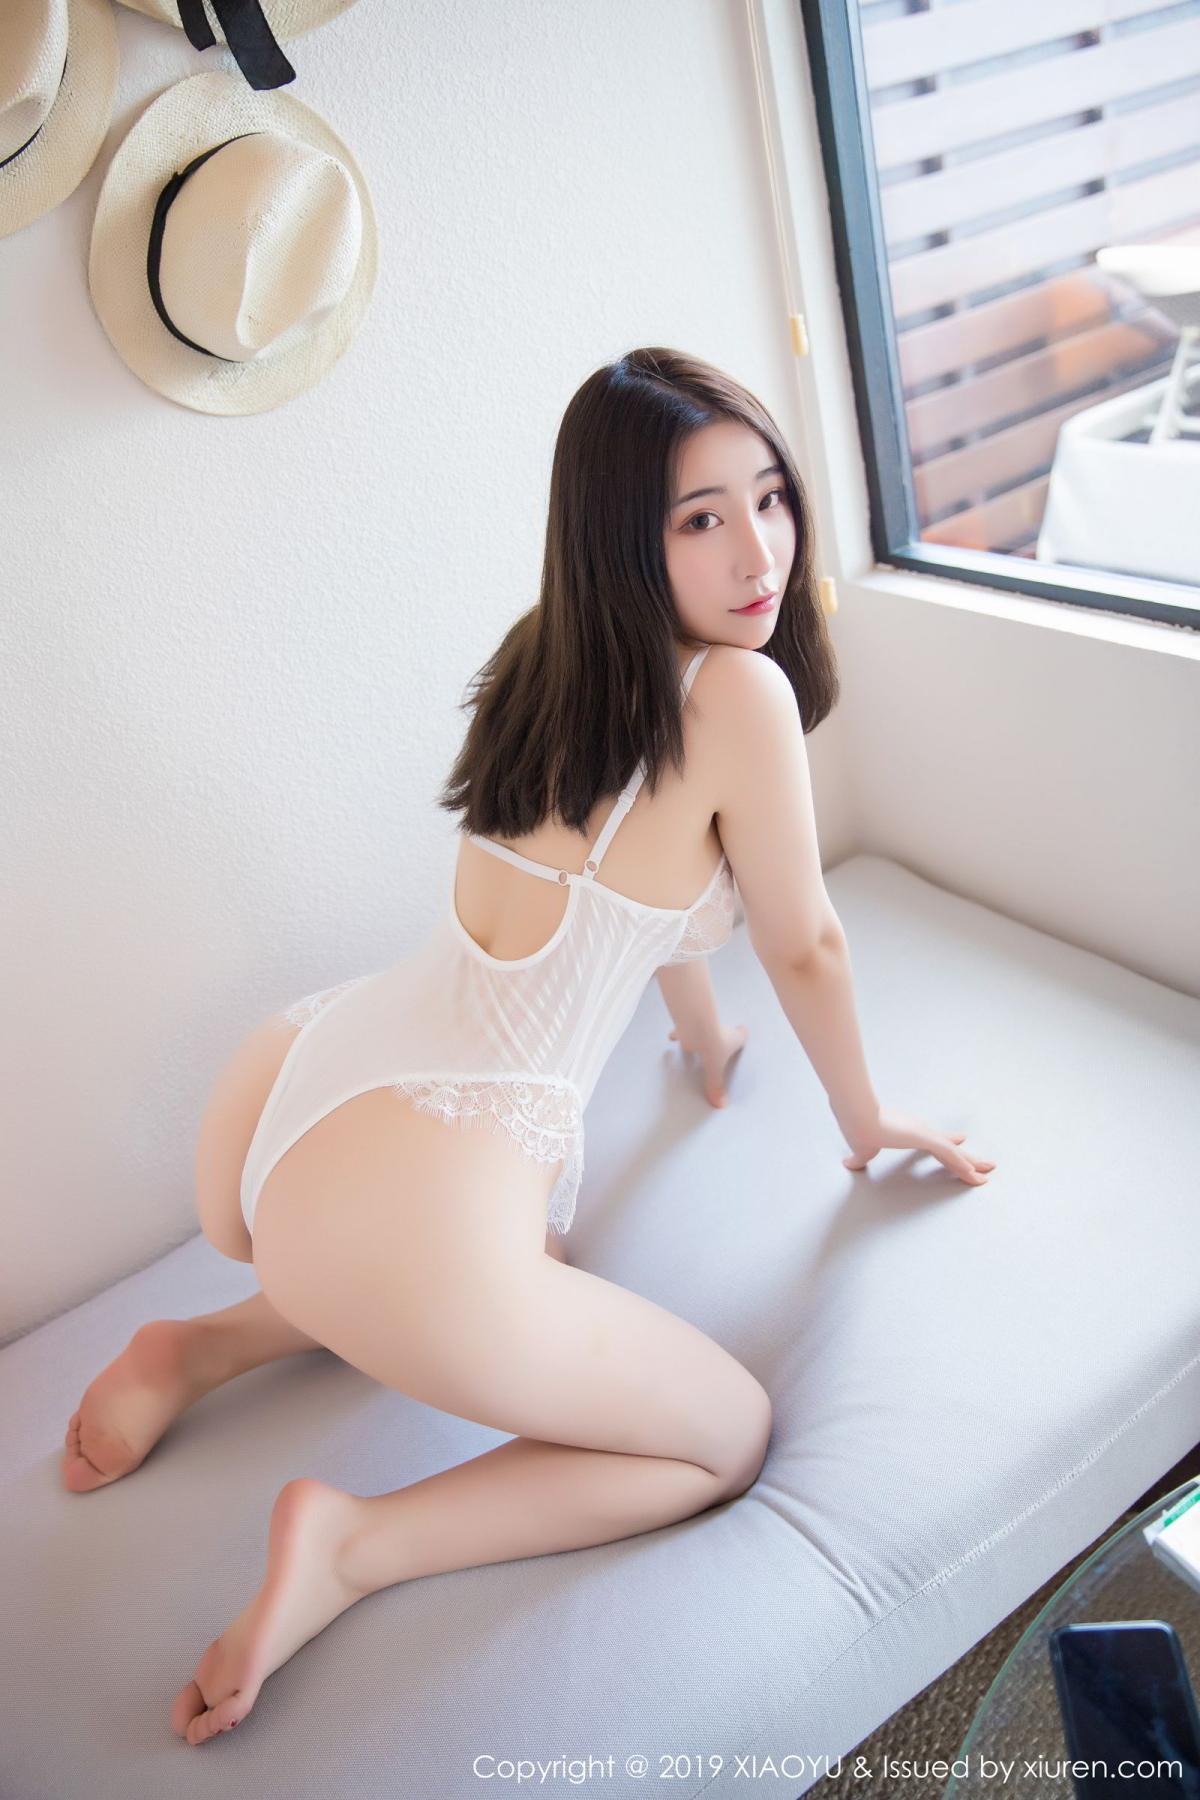 [XiaoYu] Vol.147 Xie Zhi Xin 3P, Bathroom, Big Booty, Wet, XiaoYu, Xie Zhi Xin